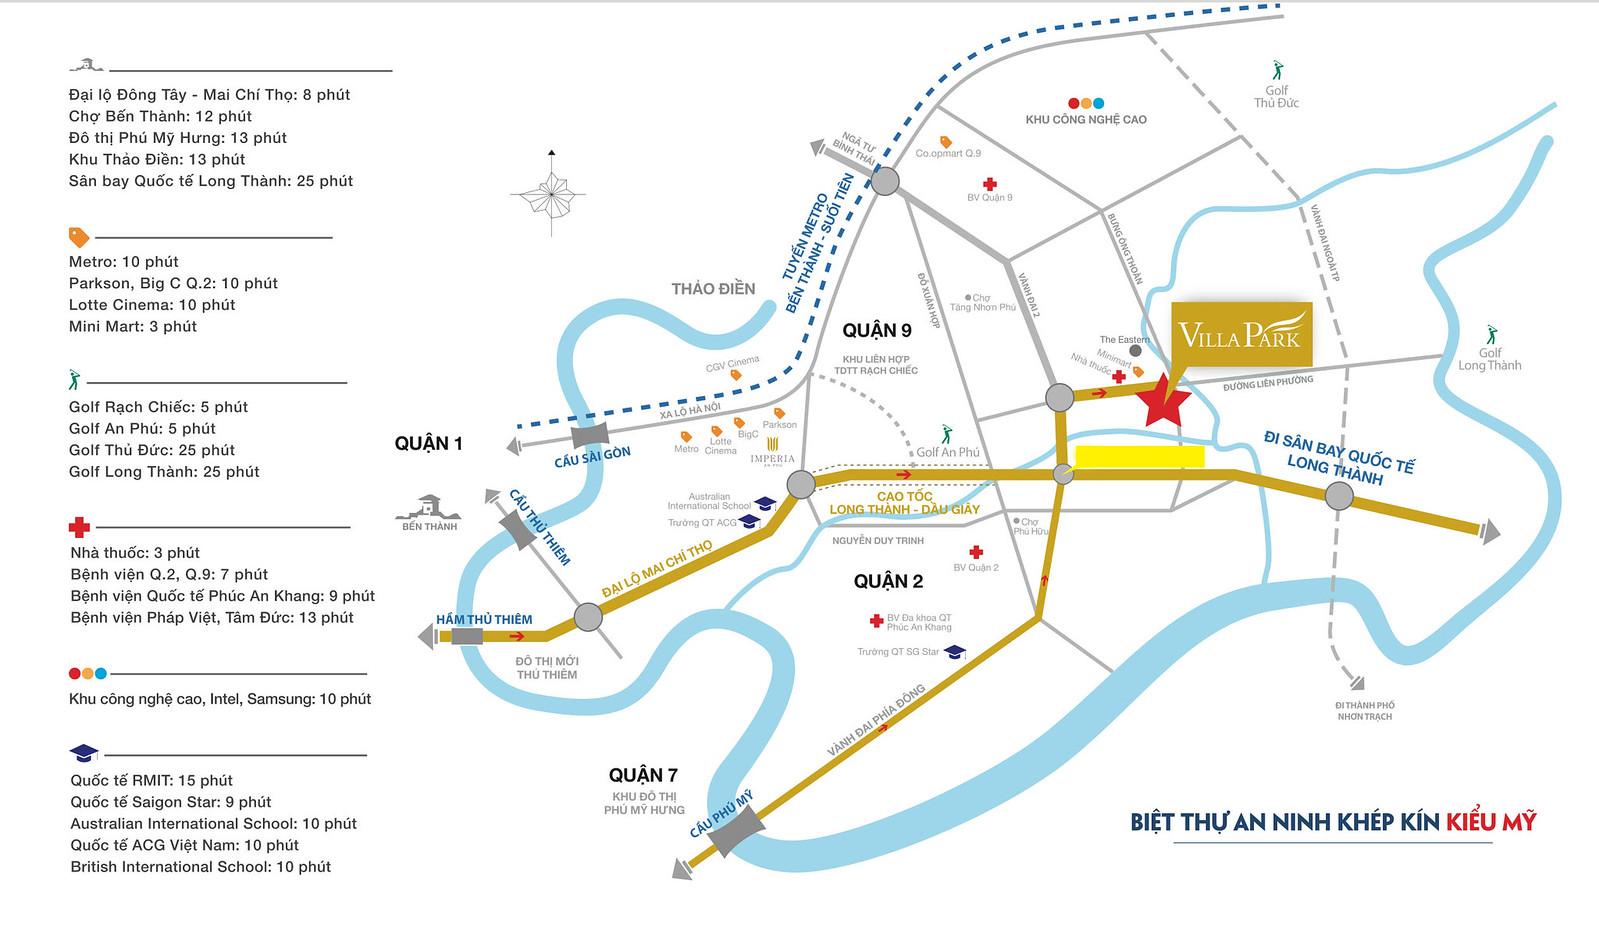 Bản đồ đến Biệt thự quận 9 Villa Park